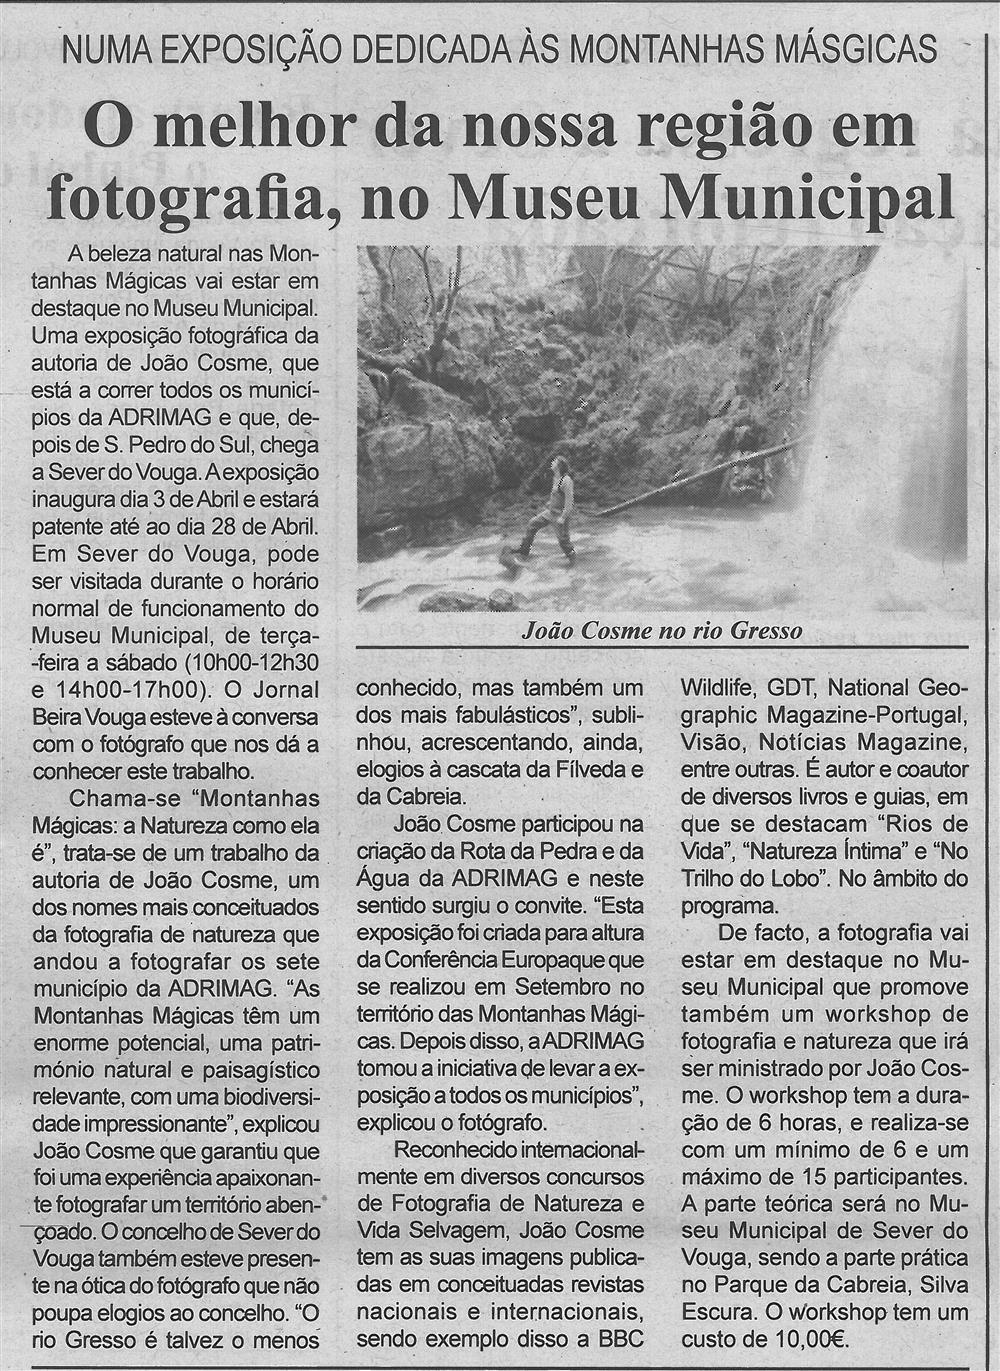 BV-1.ªabr.'18-p.4-O melhor da nossa região em fotografia, no Museu Municipal : numa exposição dedicada às Montanhas Mágicas.jpg